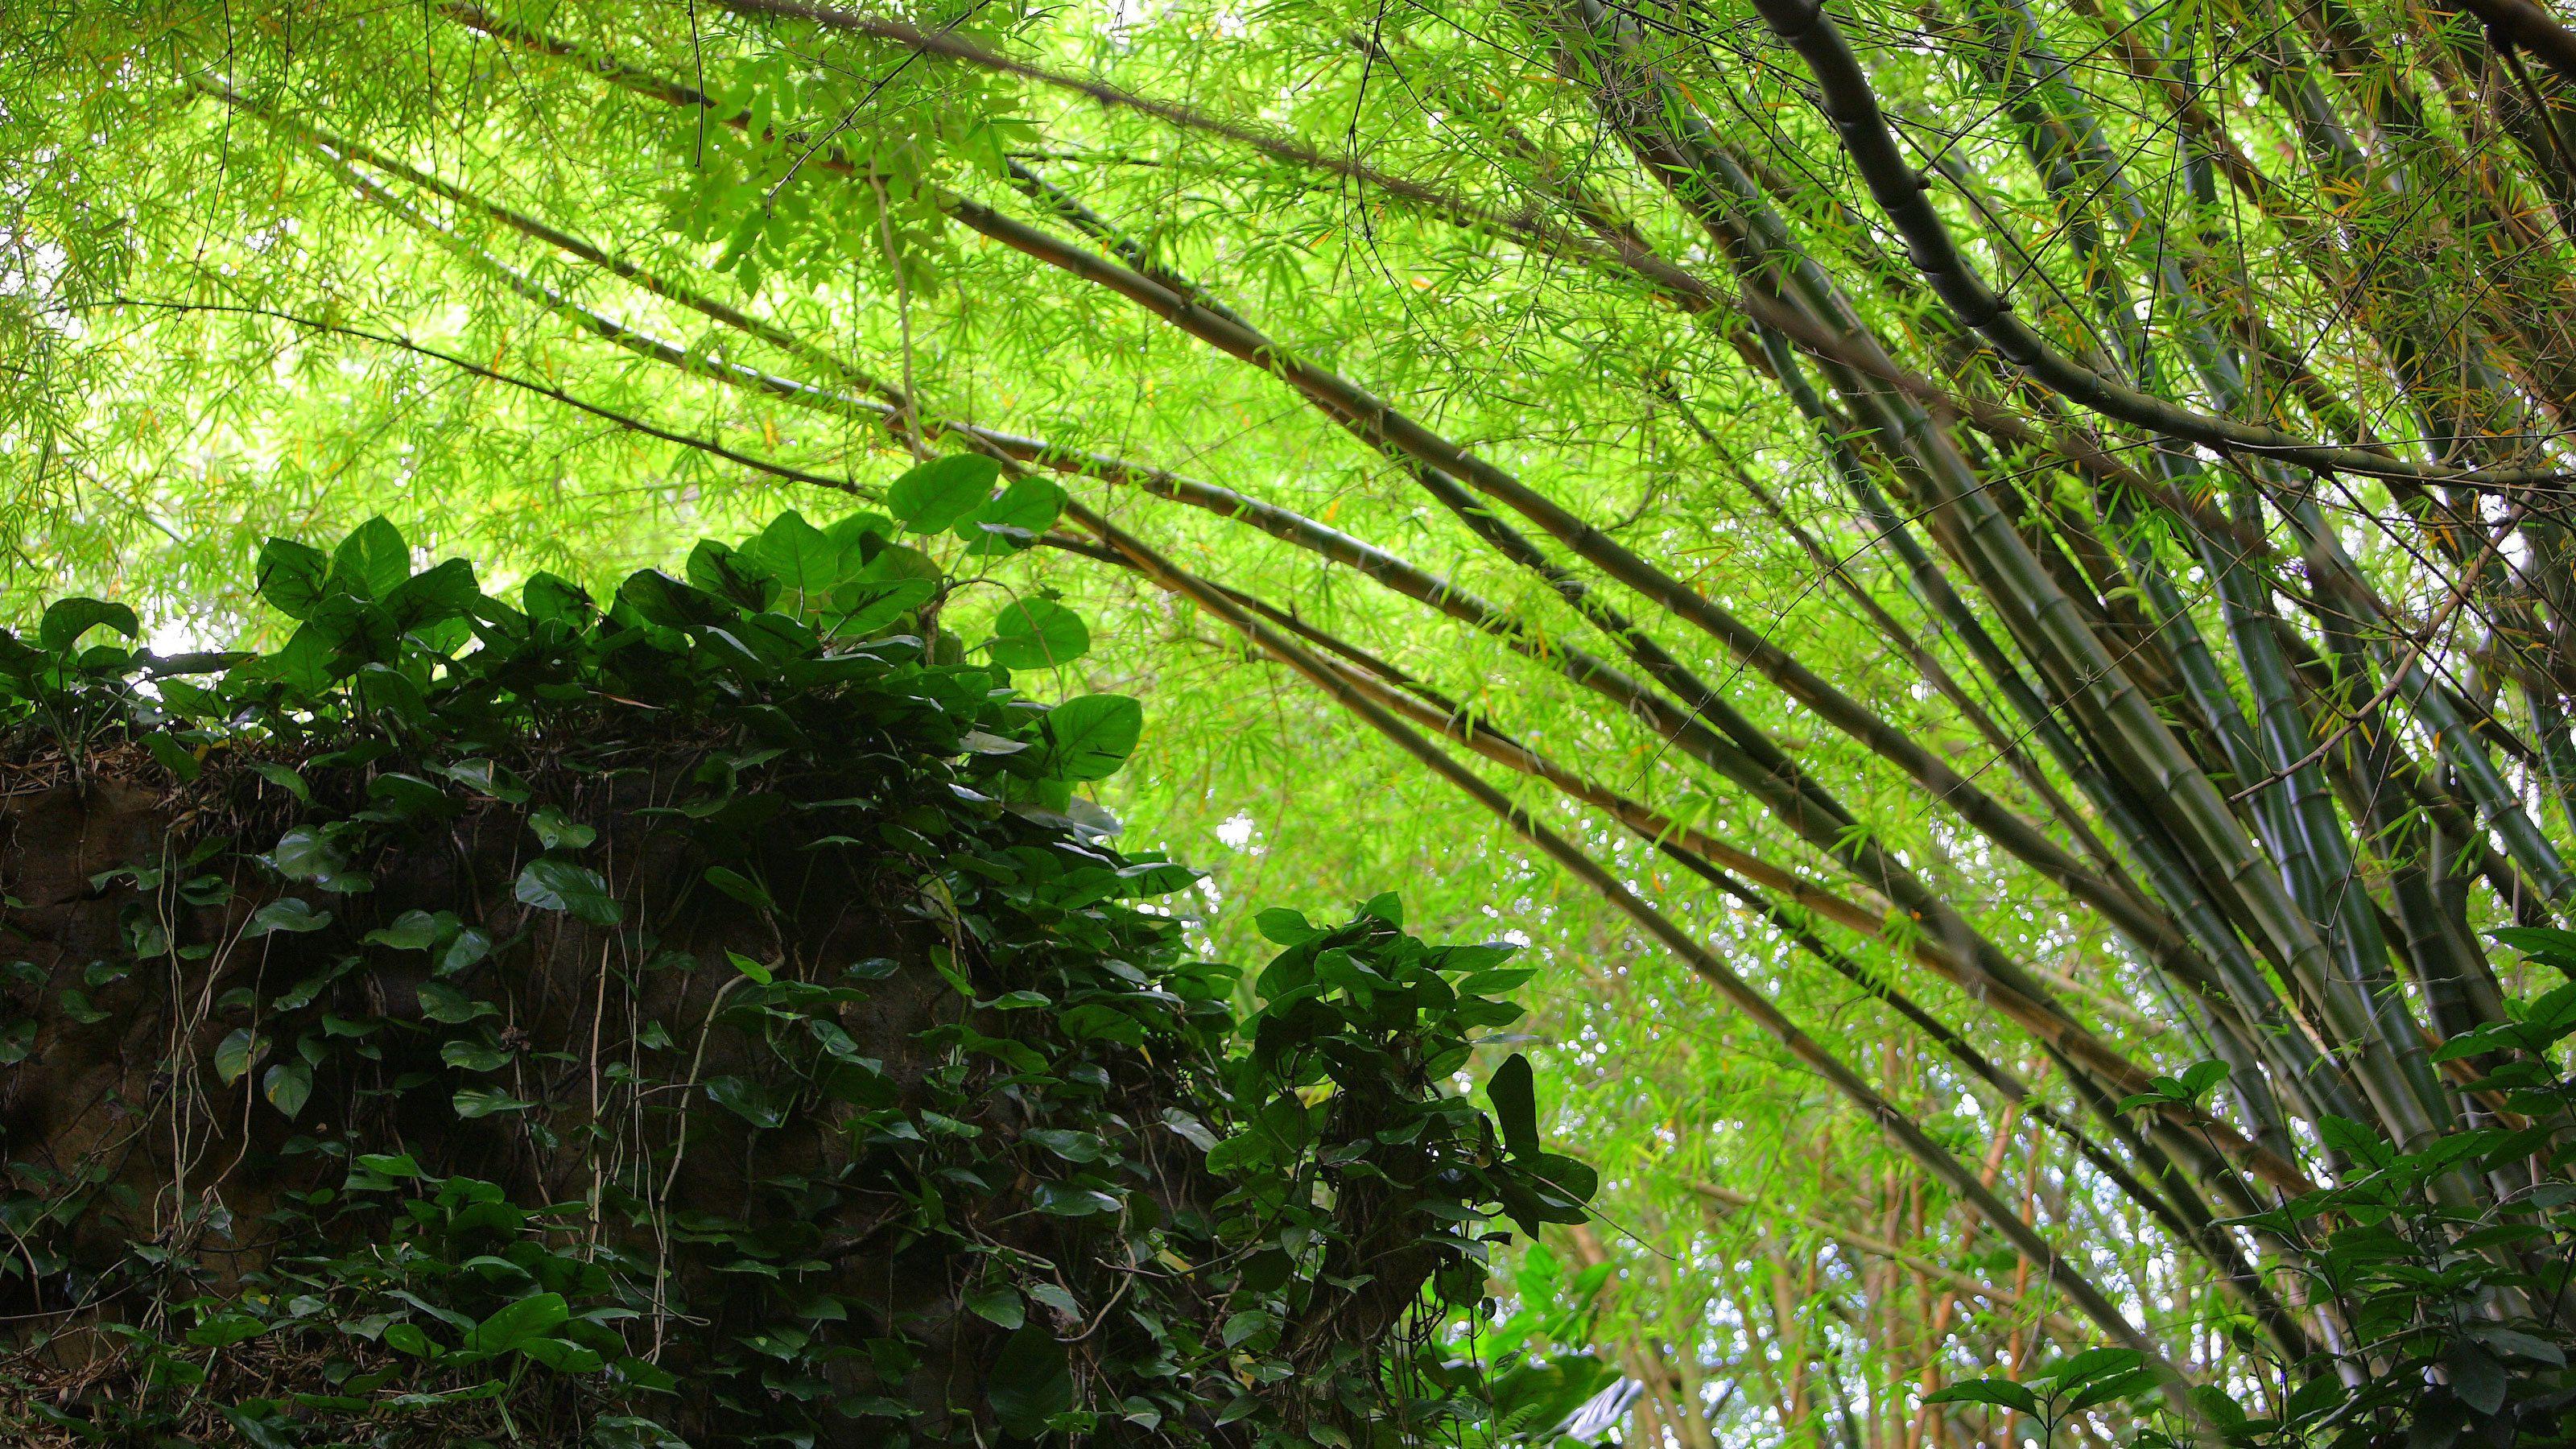 Fresh view of the jungle in Kauai